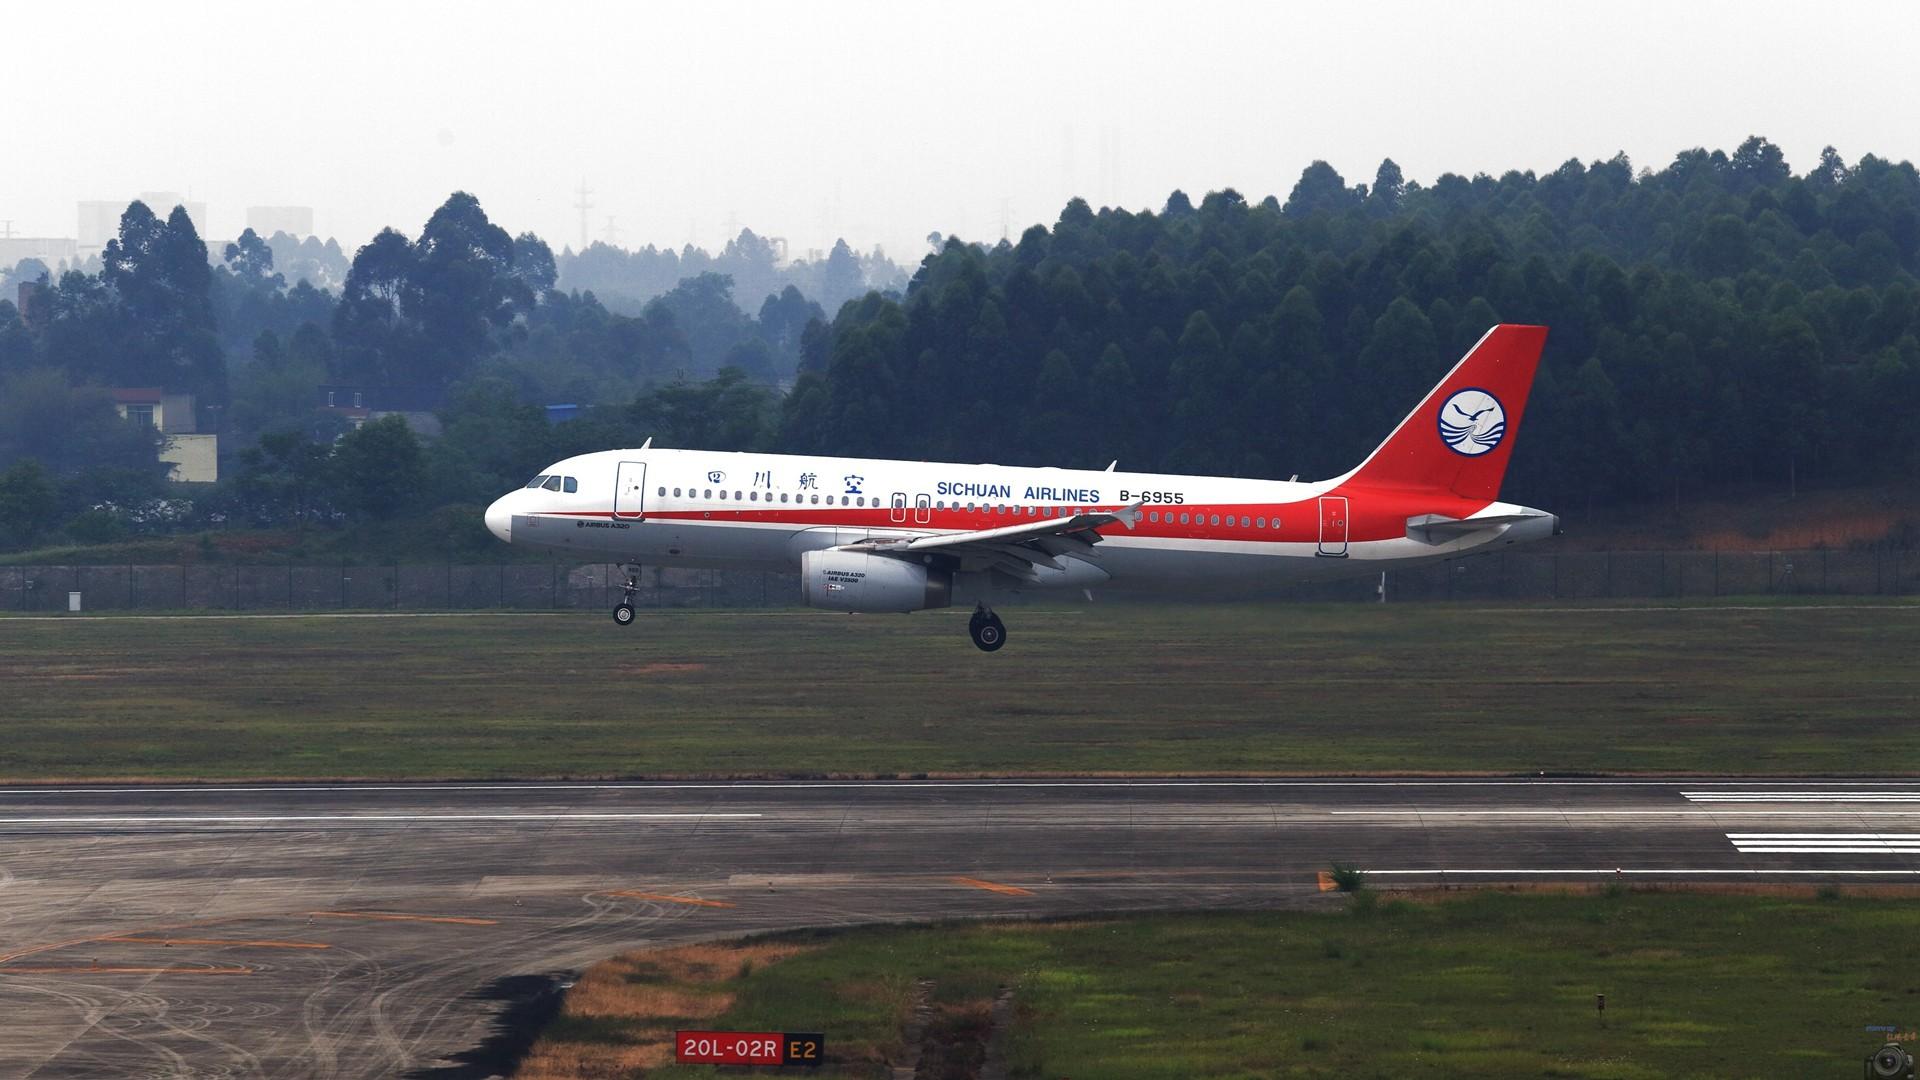 Re:[原创]重出江湖【CTU】2015.5.17打飞机 AIRBUS A320-200 B-6955 中国成都双流国际机场